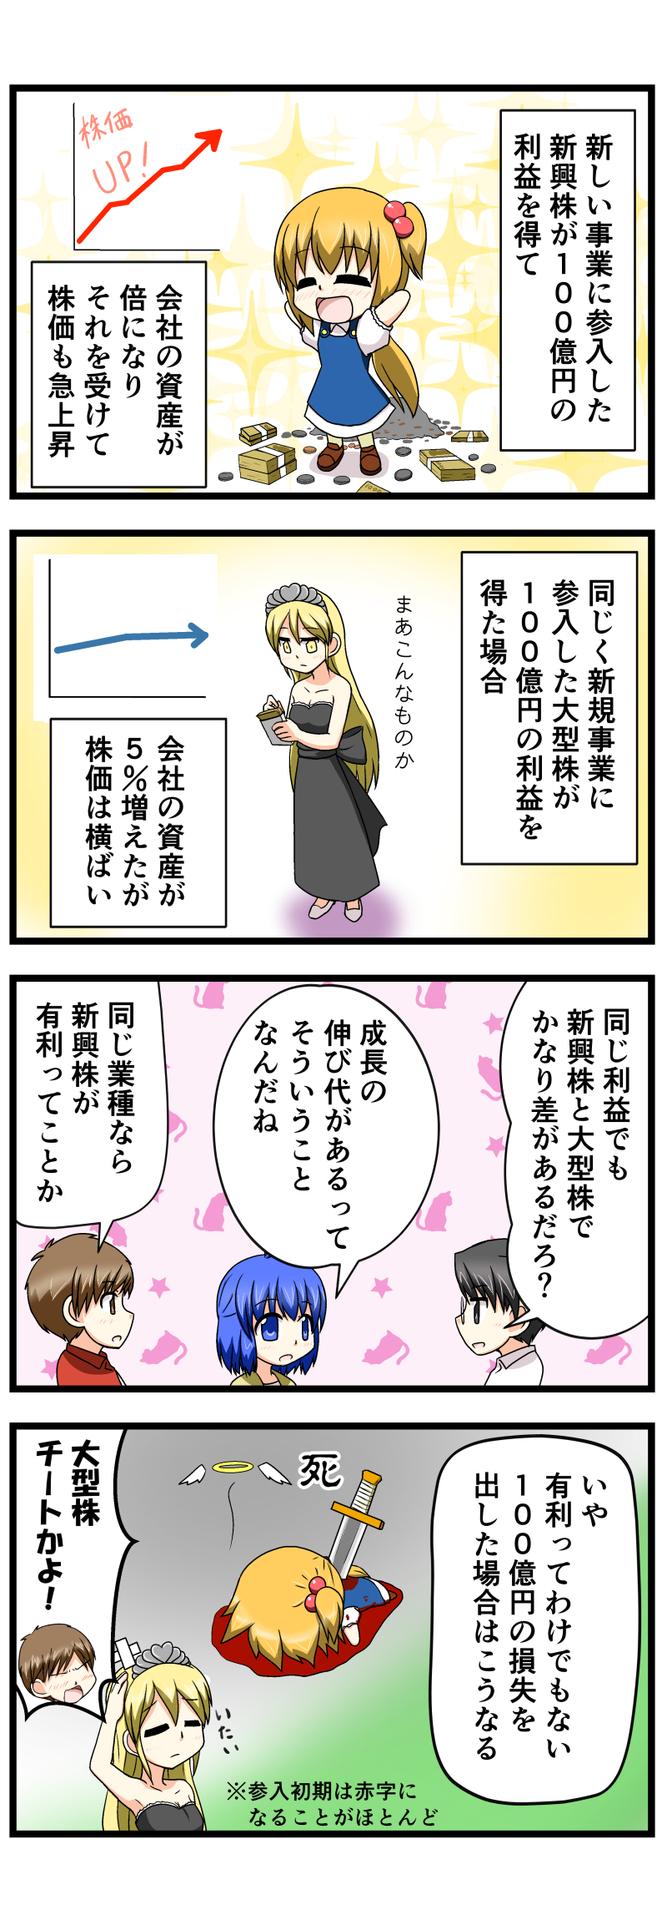 萌える株セミナー64.jpg